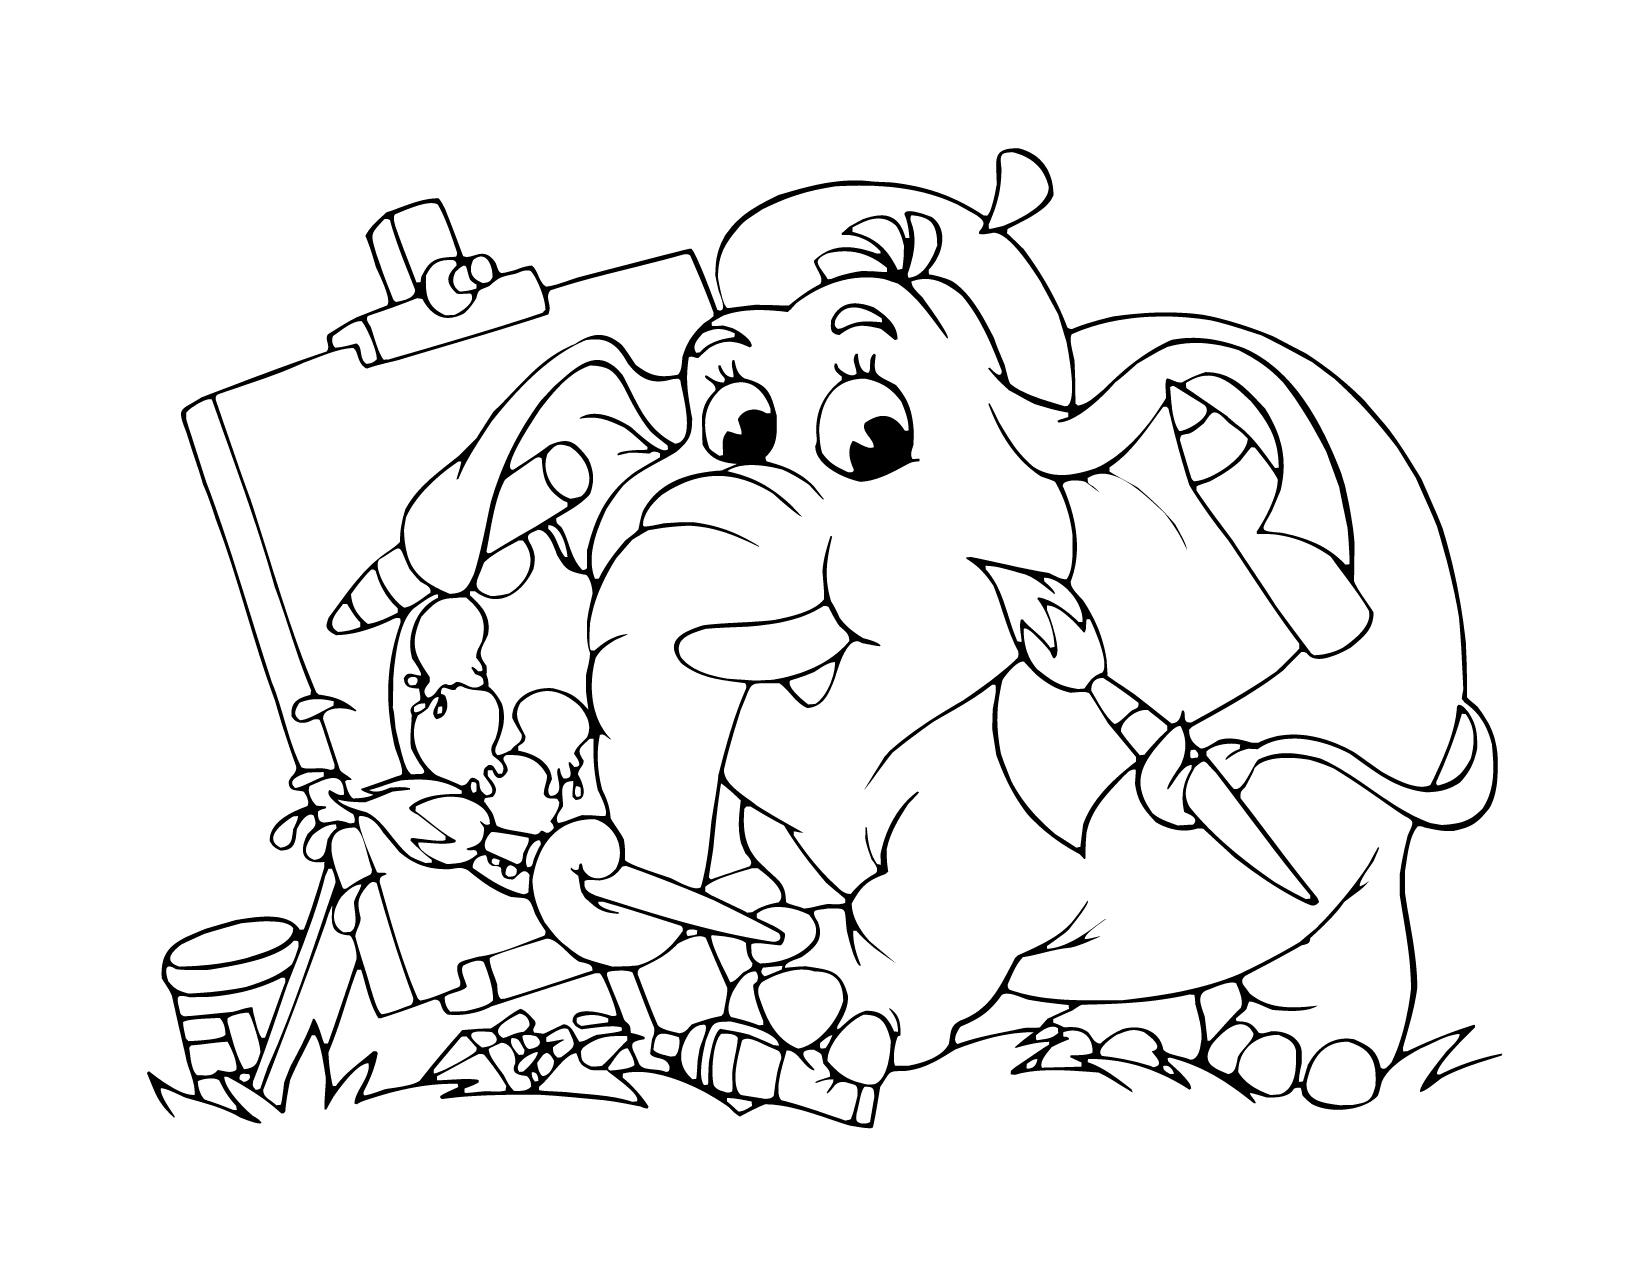 Coloriage Famille Elephant.Dessin Elephant Artiste Pour Enfant A Imprimer Gratuit Artherapie Ca